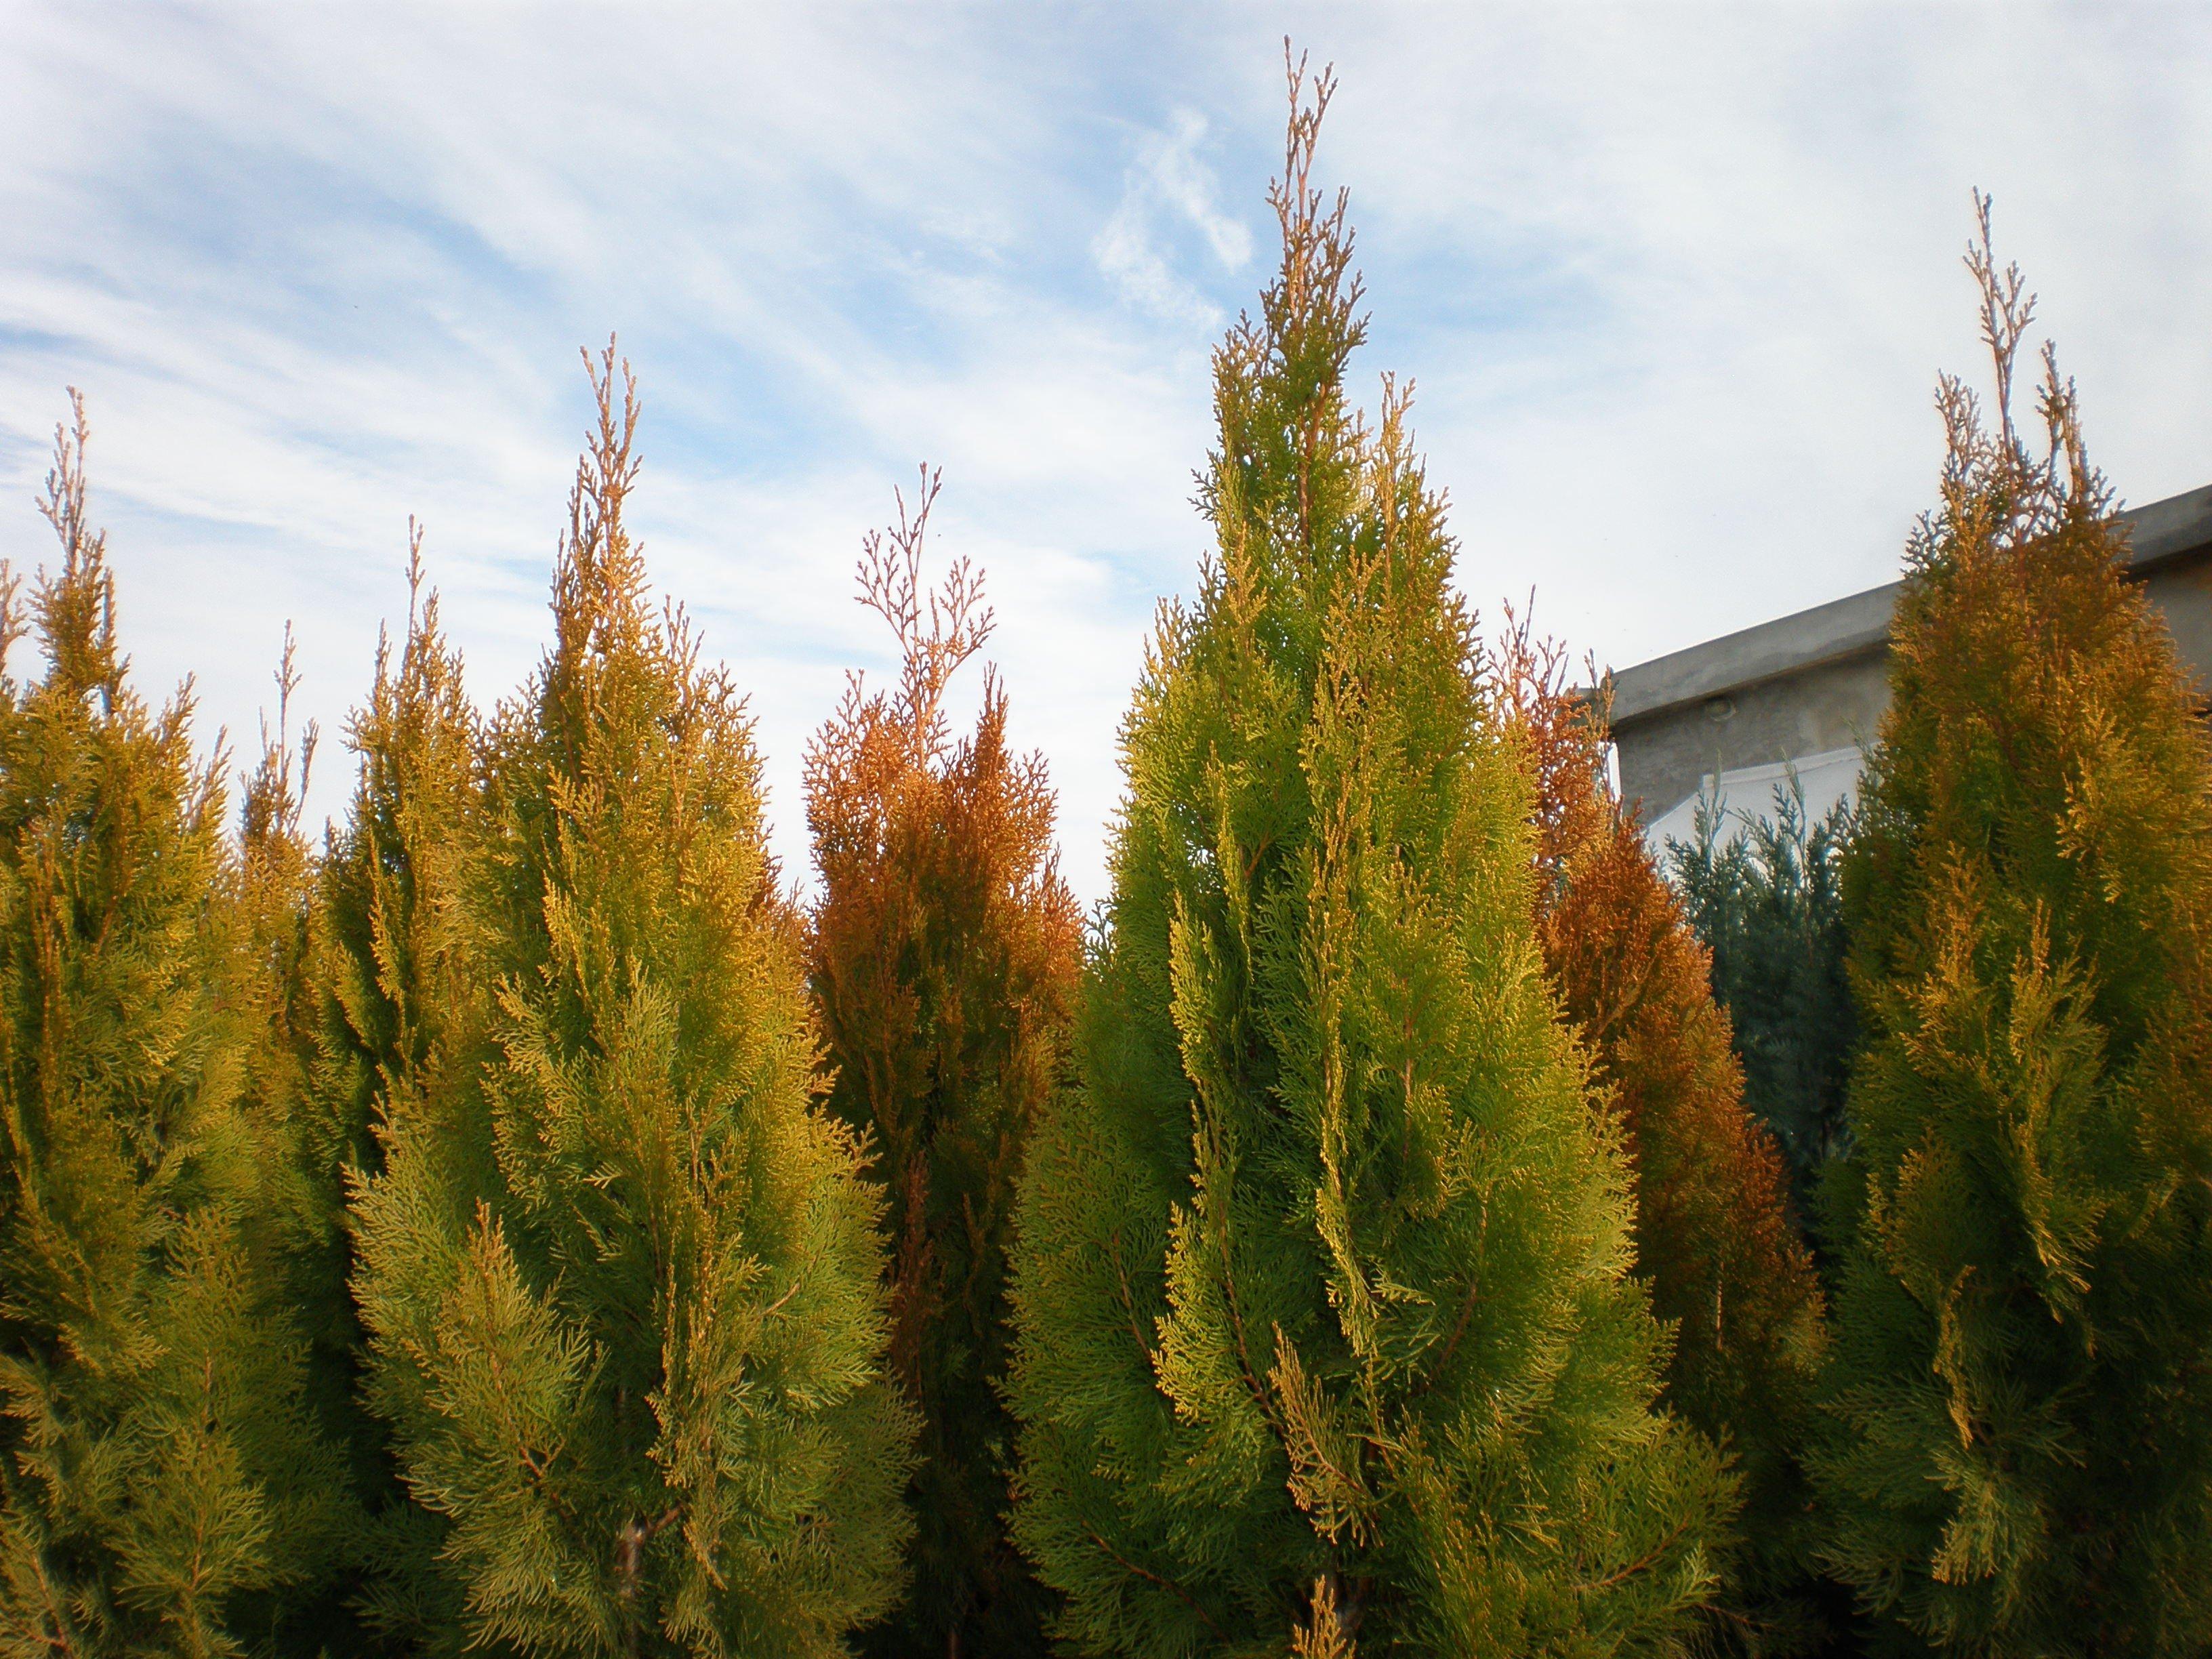 Източната туя Ауреа Пирамидалис добива оранжев оттенък през есента и зимата